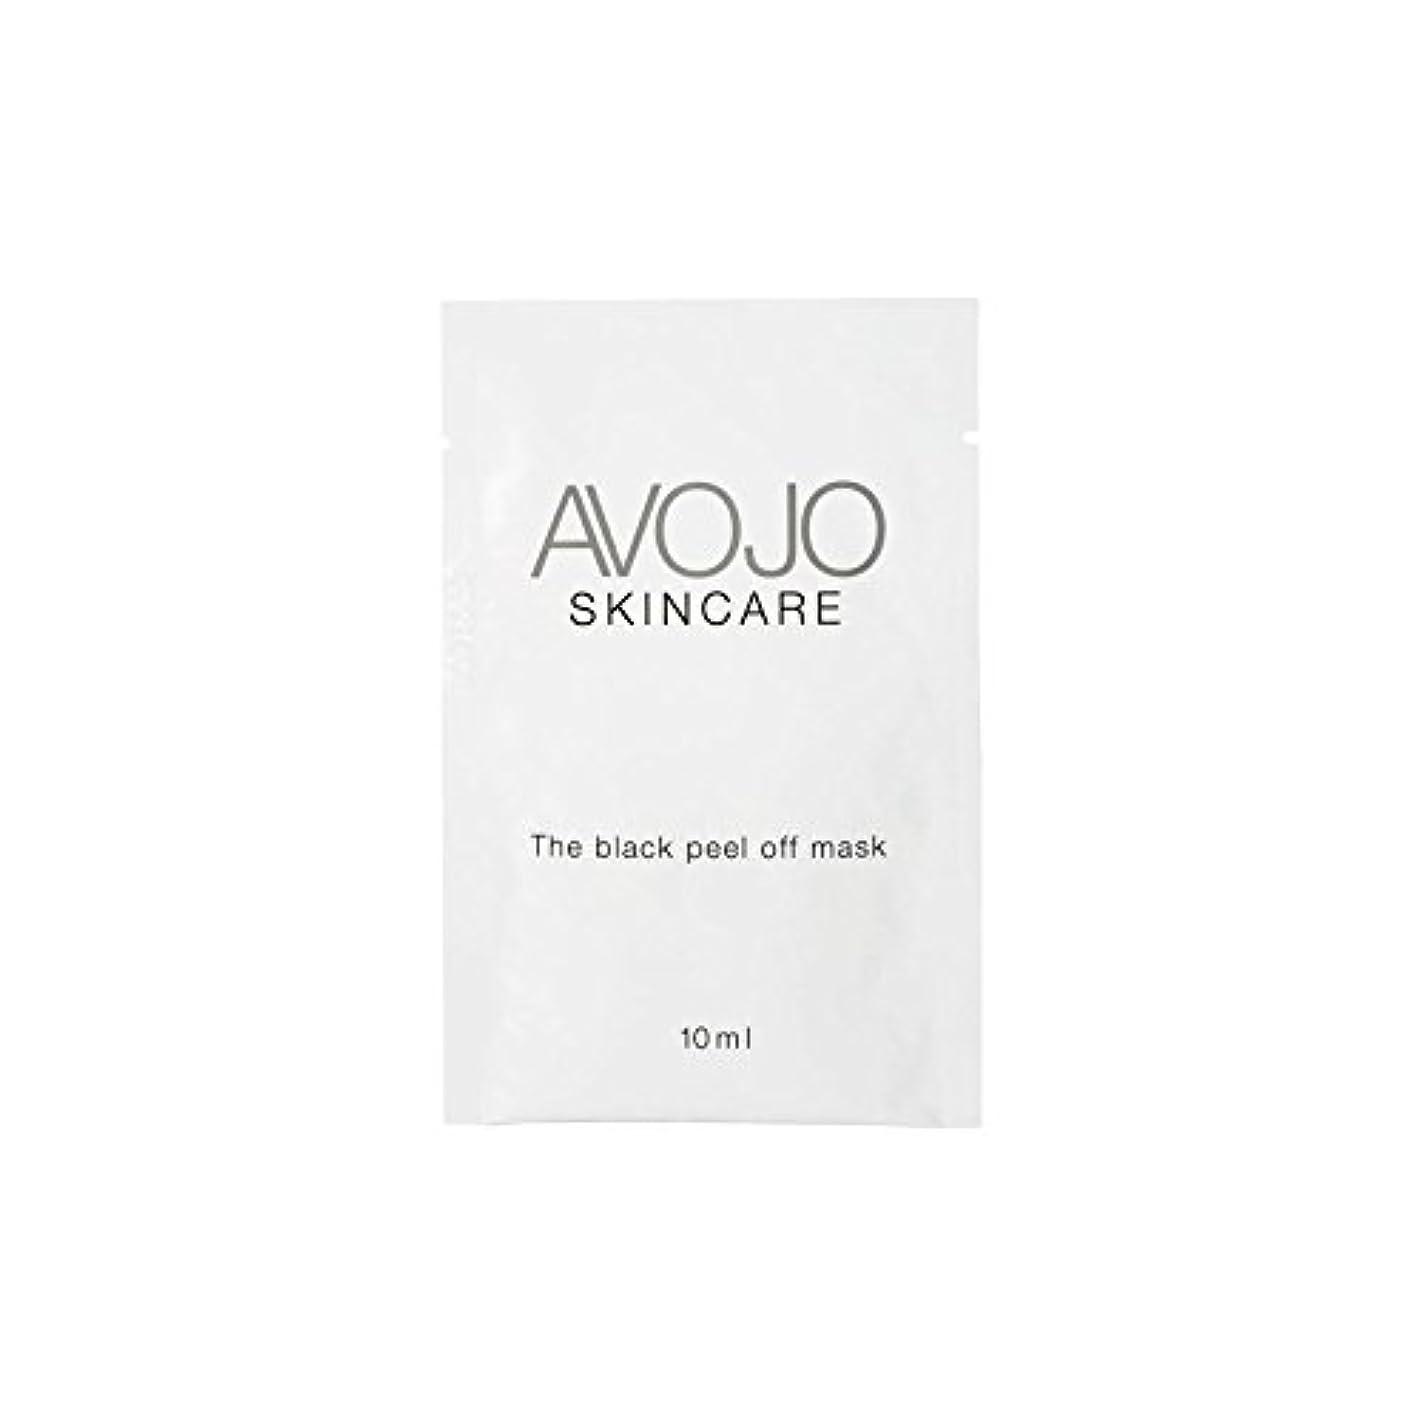 アナロジー名声湿度- ブラックピールオフマスク - 小袋(10ミリリットル×4) x2 - Avojo - The Black Peel Off Mask - Sachet (10ml X 4) (Pack of 2) [並行輸入品]